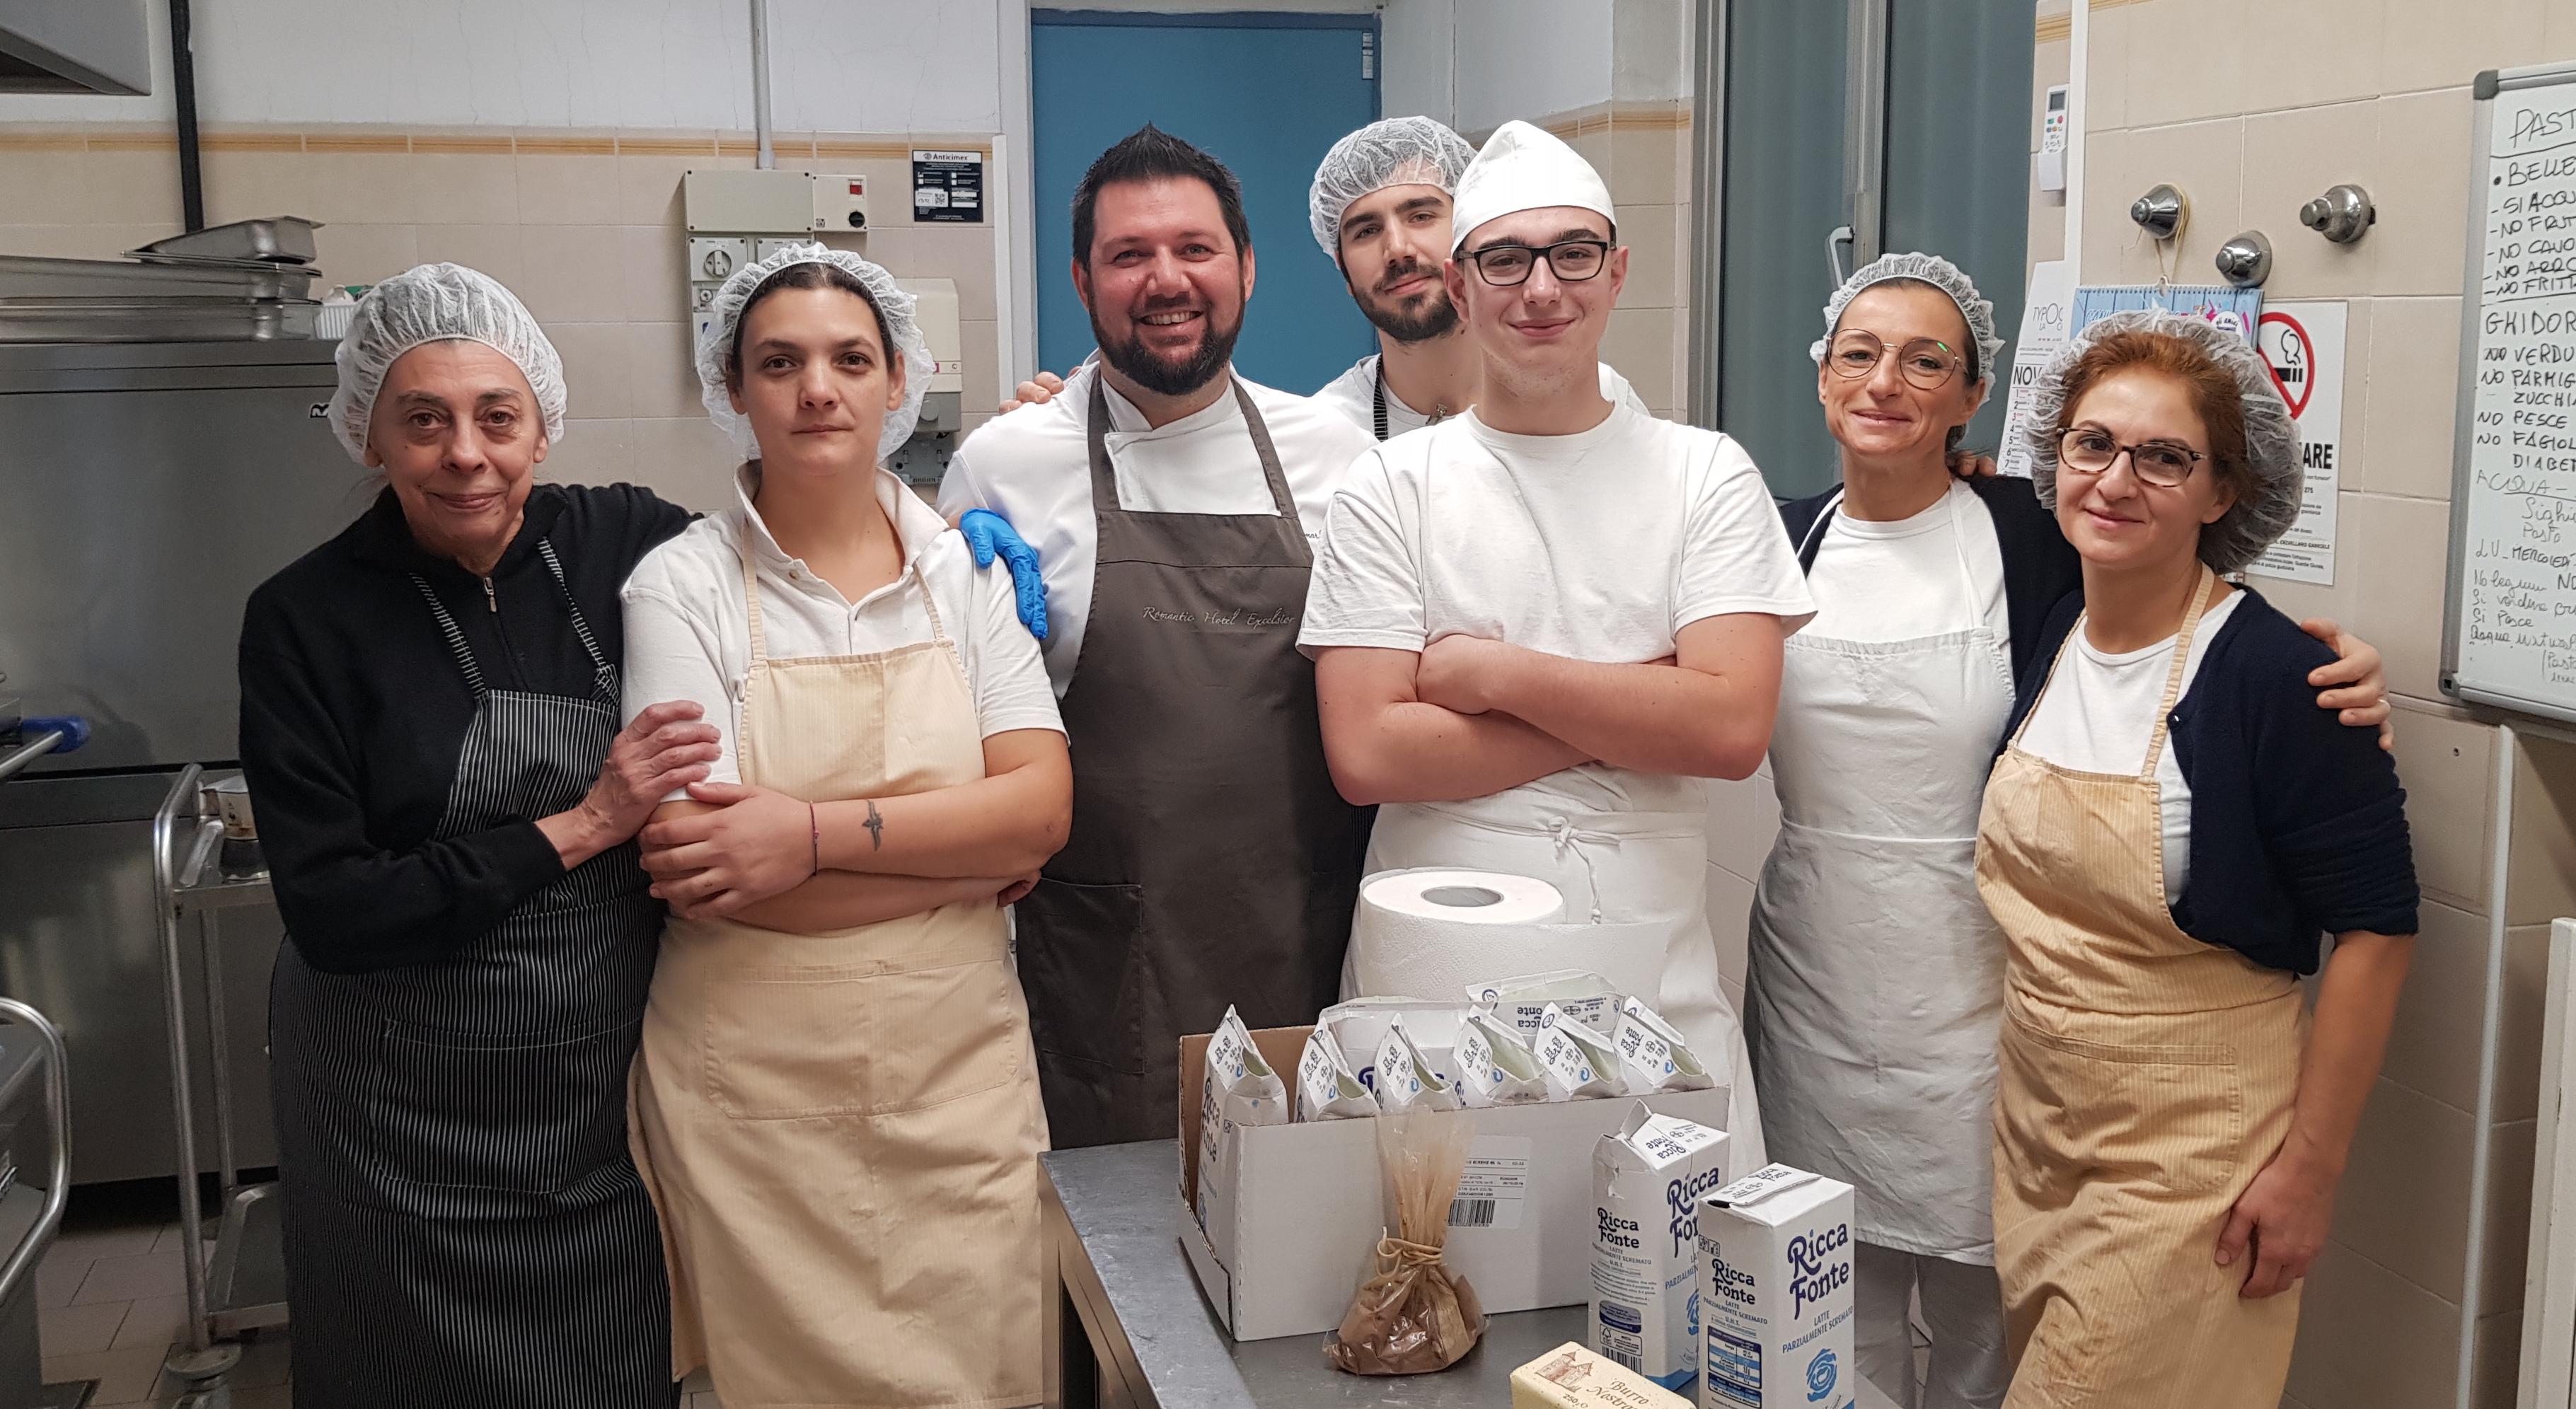 Viadana, Istituto Geriatrico Grassi: lo Chef Torresani prepara un menù prelibato per i nonni - OglioPoNews